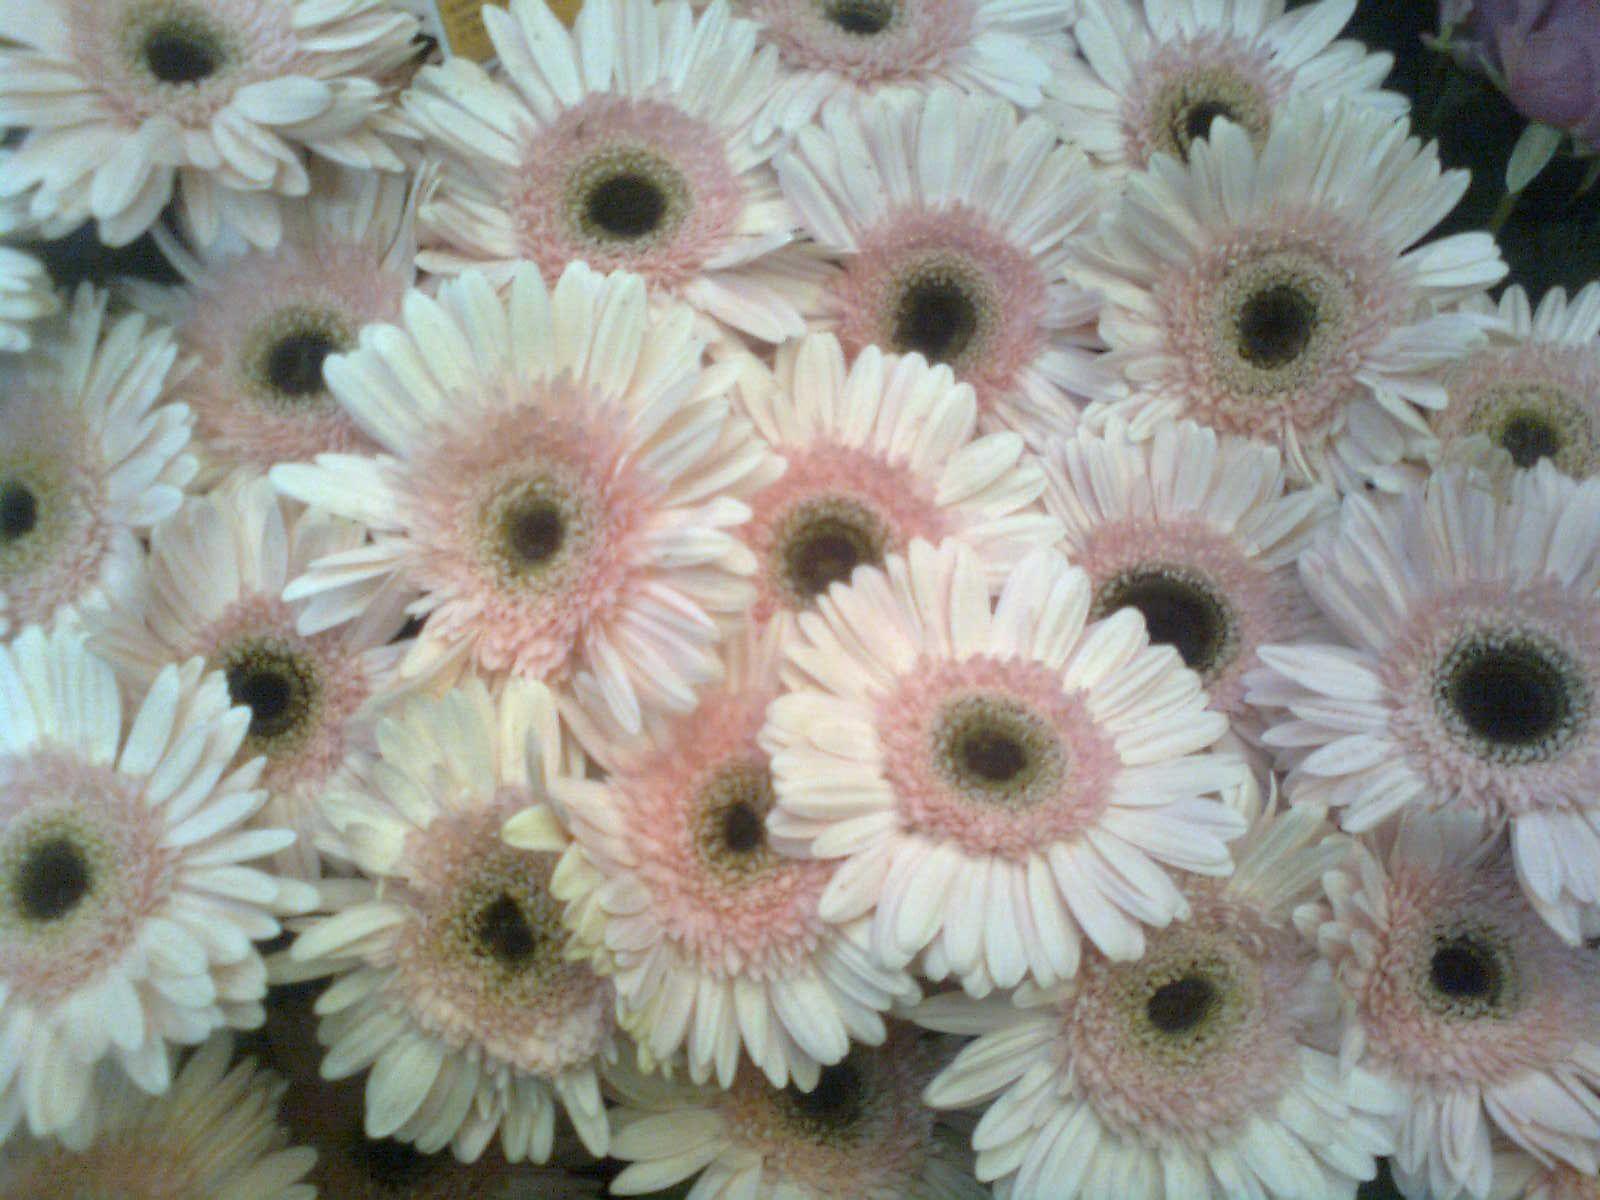 Tumben memang ngejepret ni bunga.ini asli lho! cantikkan?